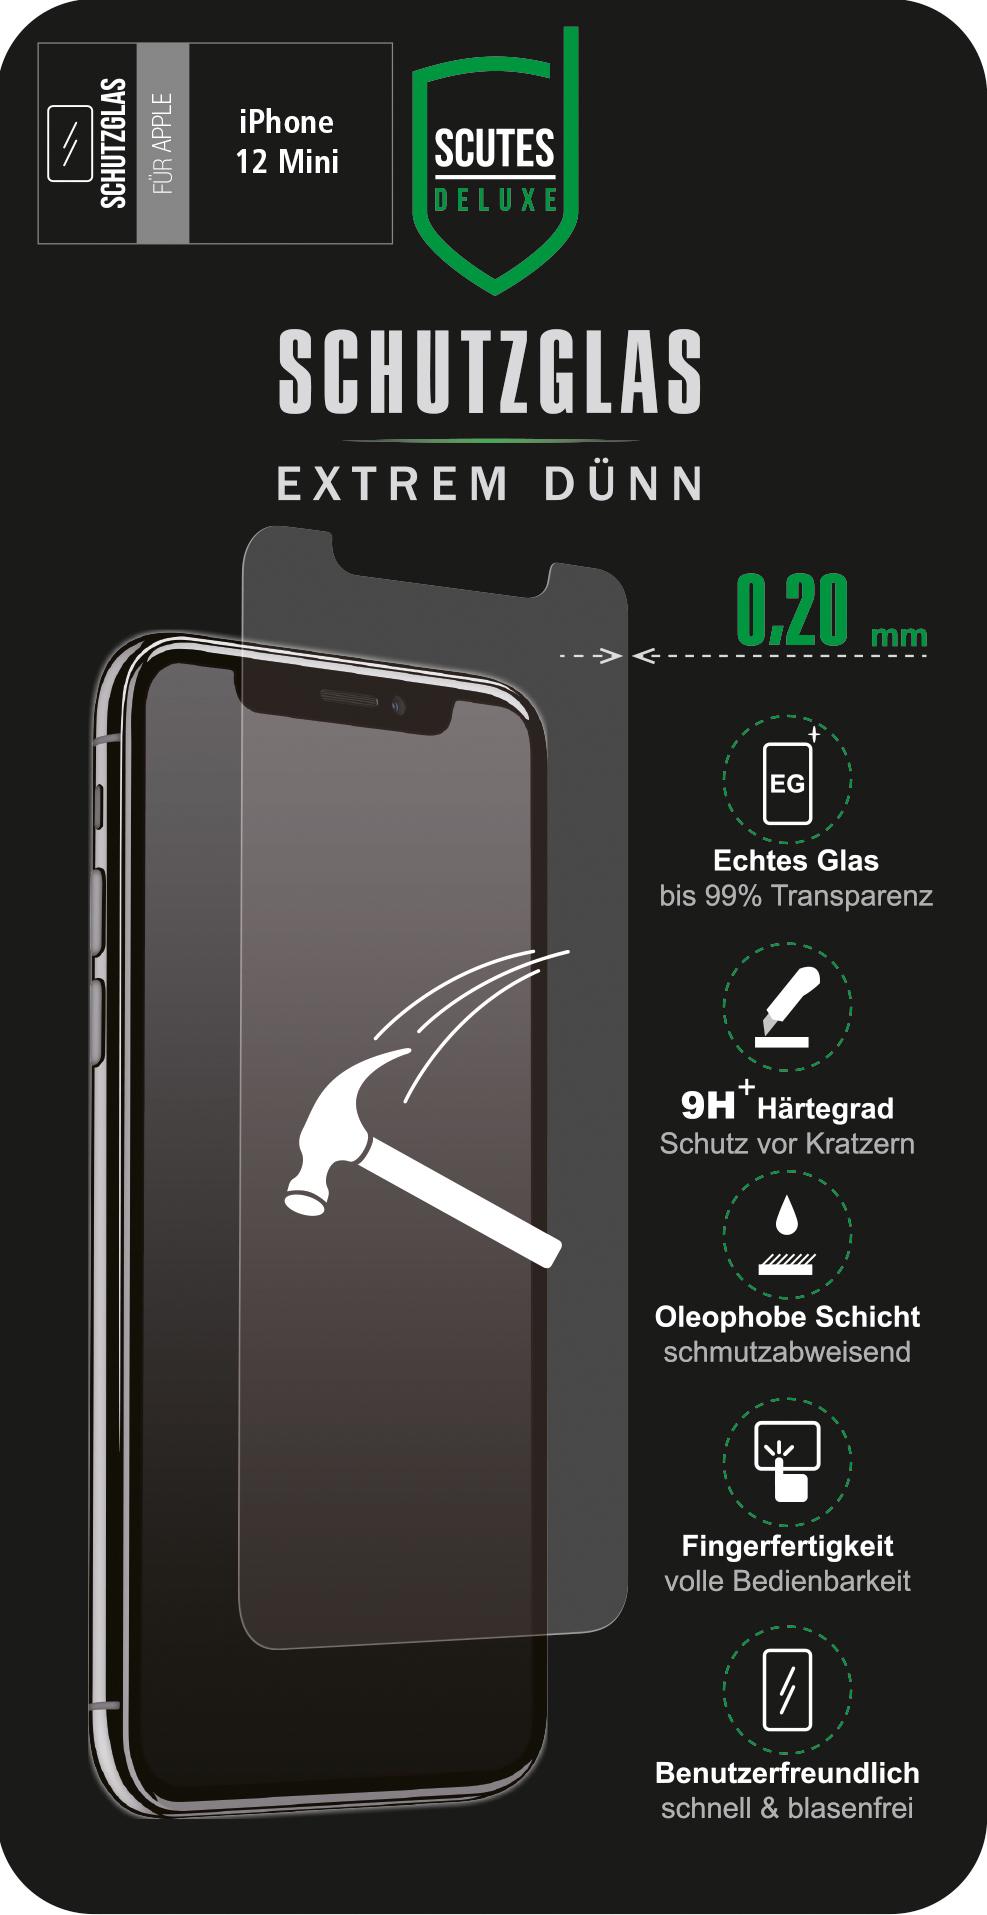 Schutzglas (iPhone 12 Mini)